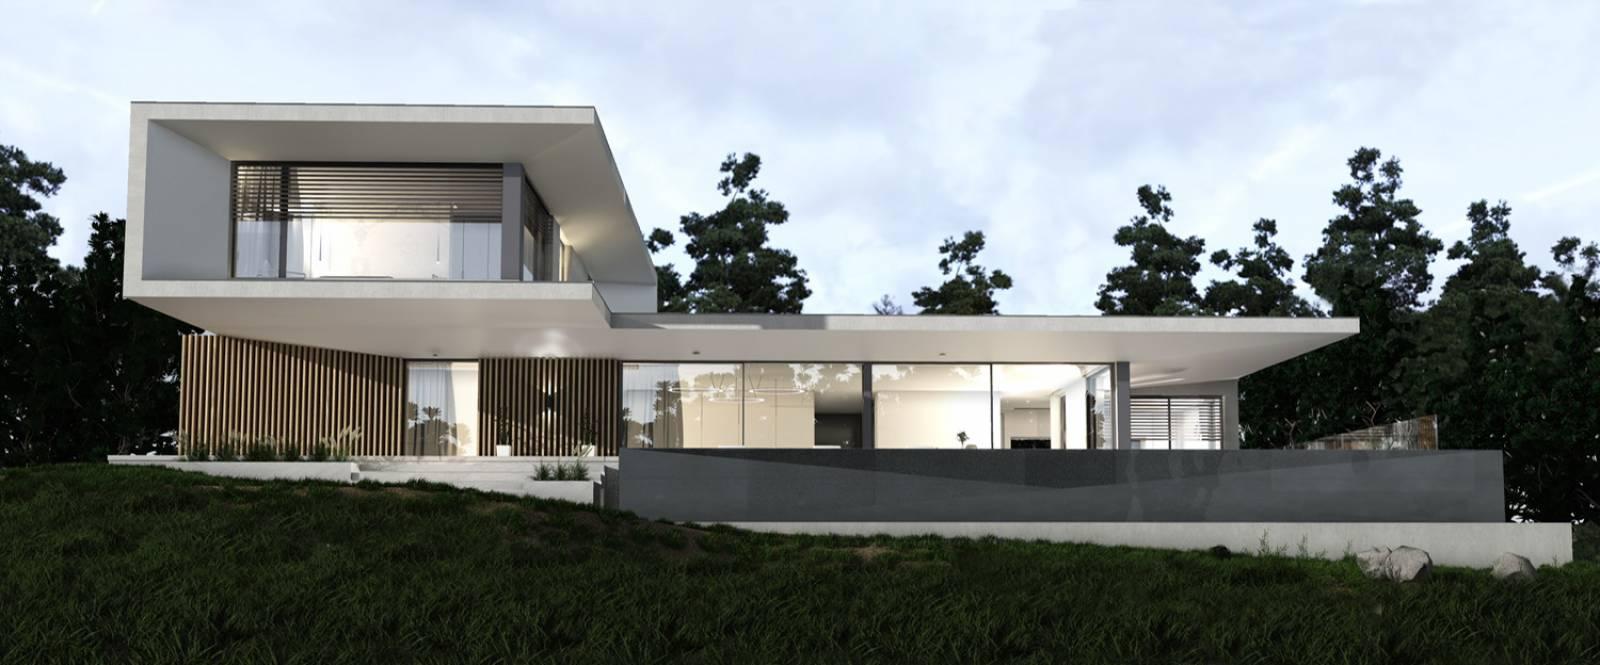 Maison Toit Plat Construction Et Extension De Villa Haut De Gamme Lyon Maltez Maconnerie